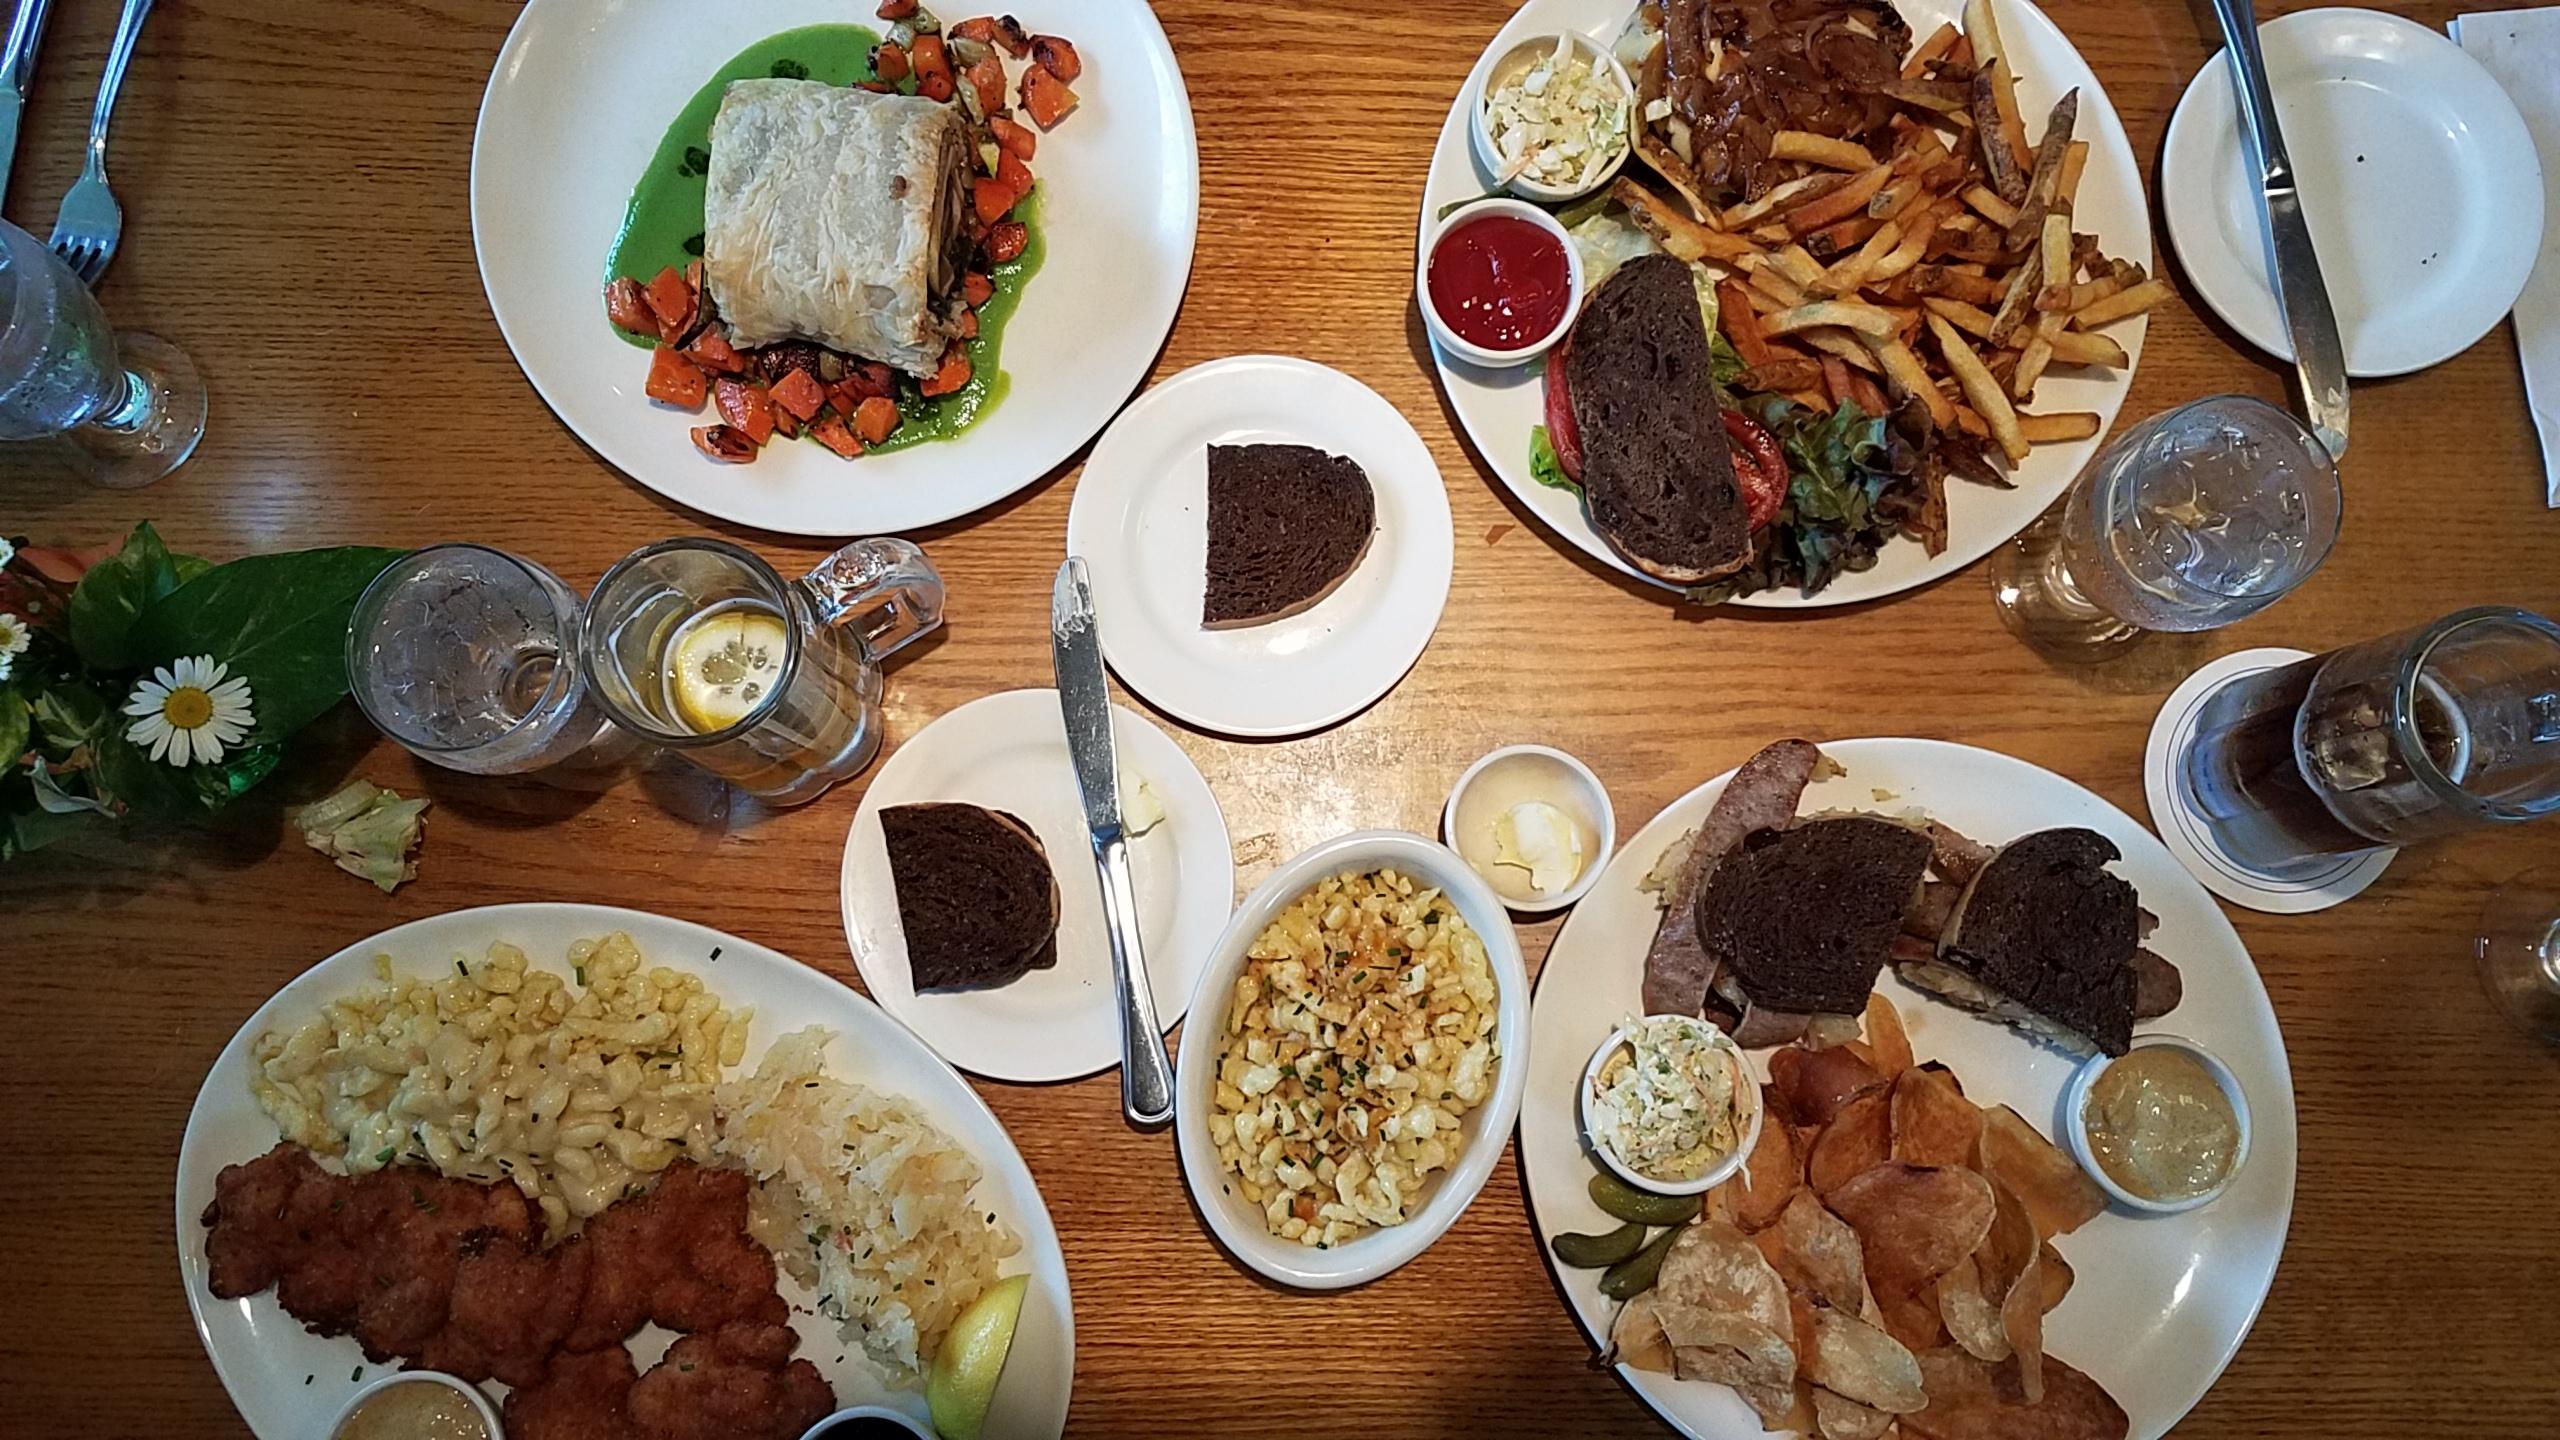 Mountain Brauhaus Restaurant in Gardiner - German Fare in the Hudson Valley